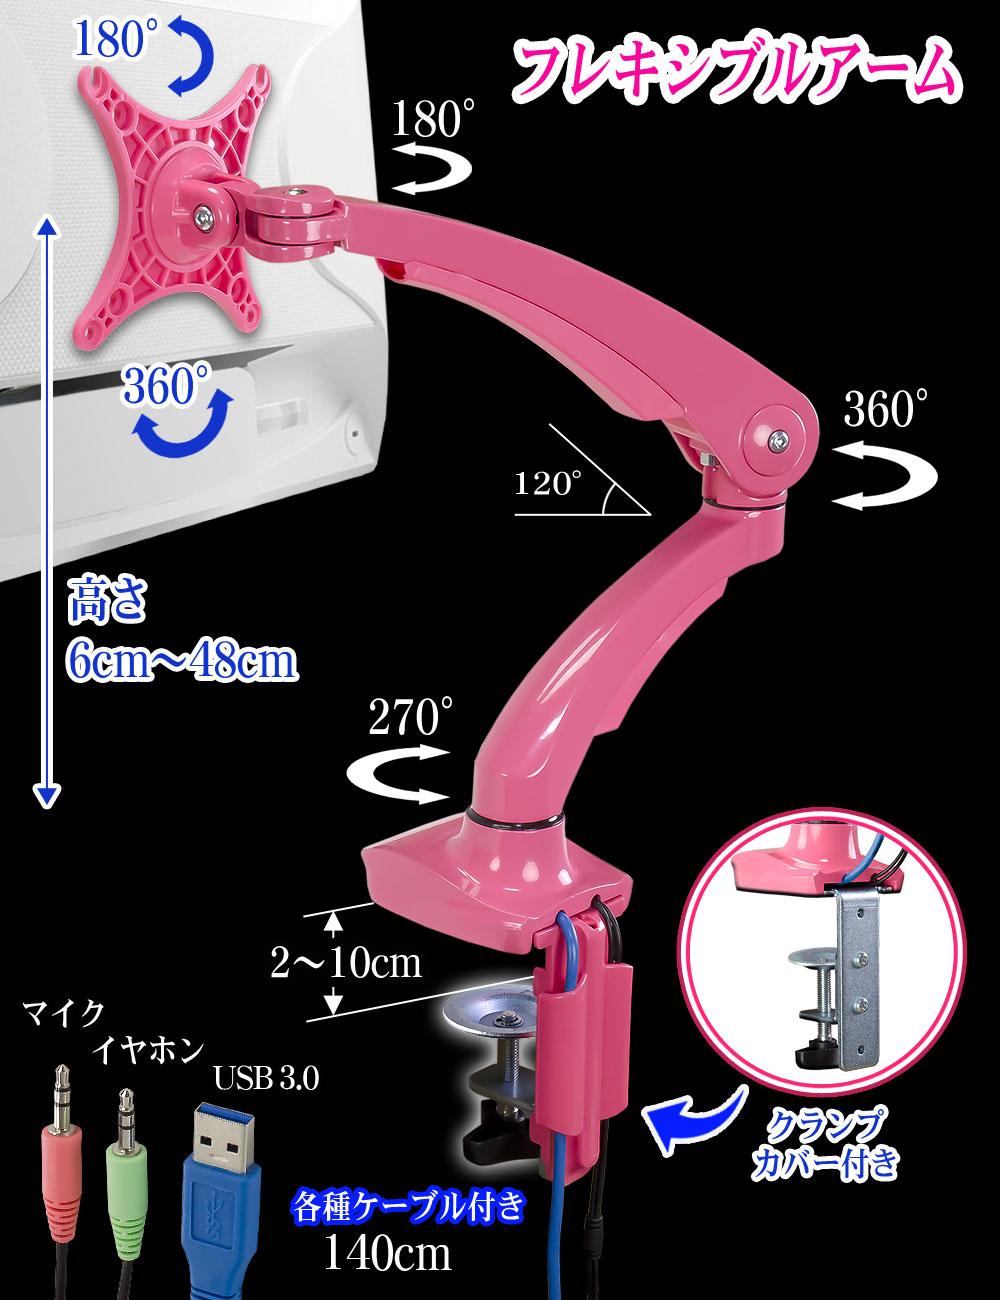 可愛いPC/TVモニターアームスタンド【DLB513】ピンク